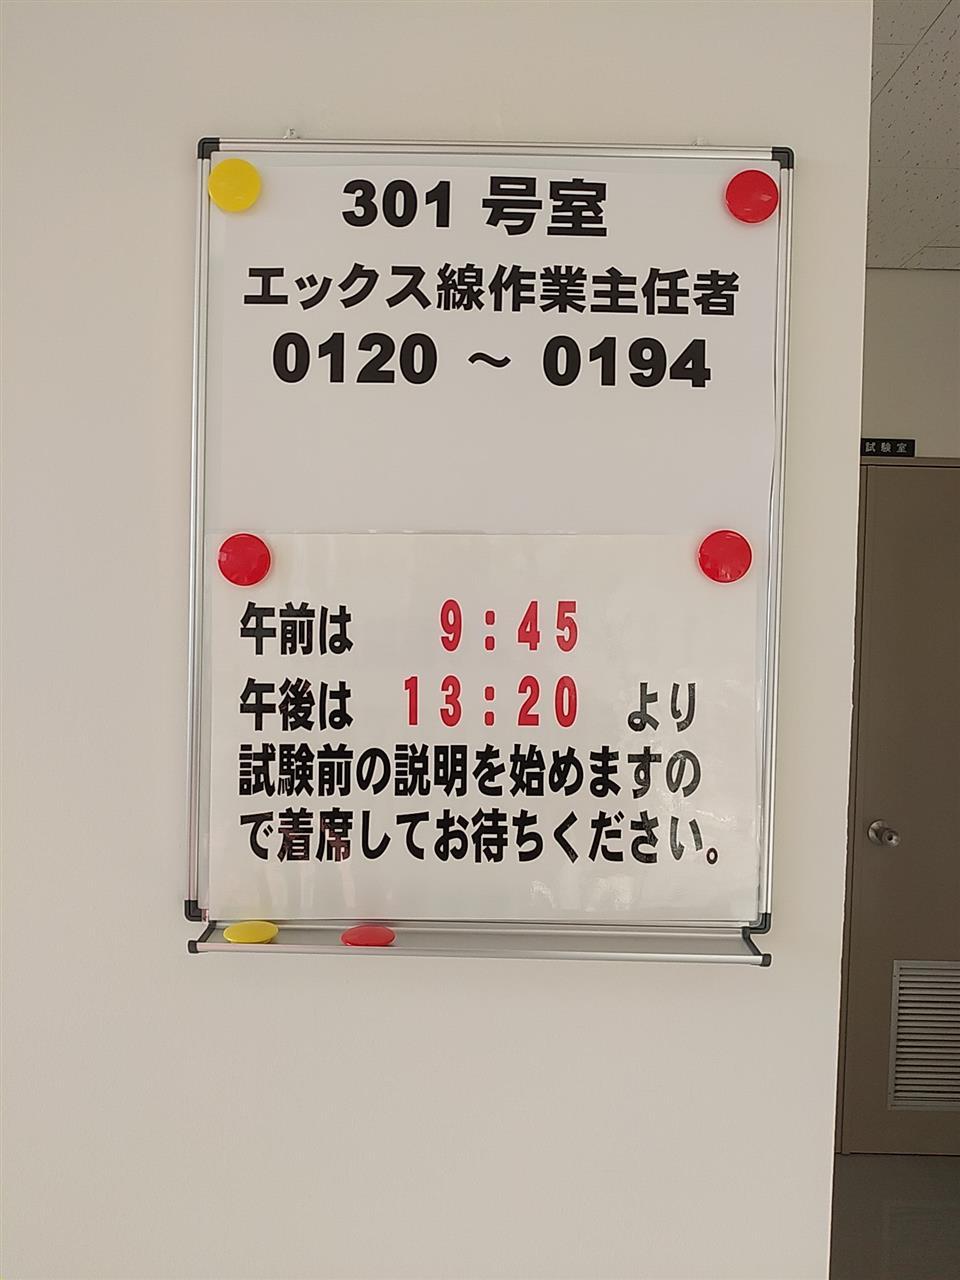 エックス線 作業 主任 者 試験